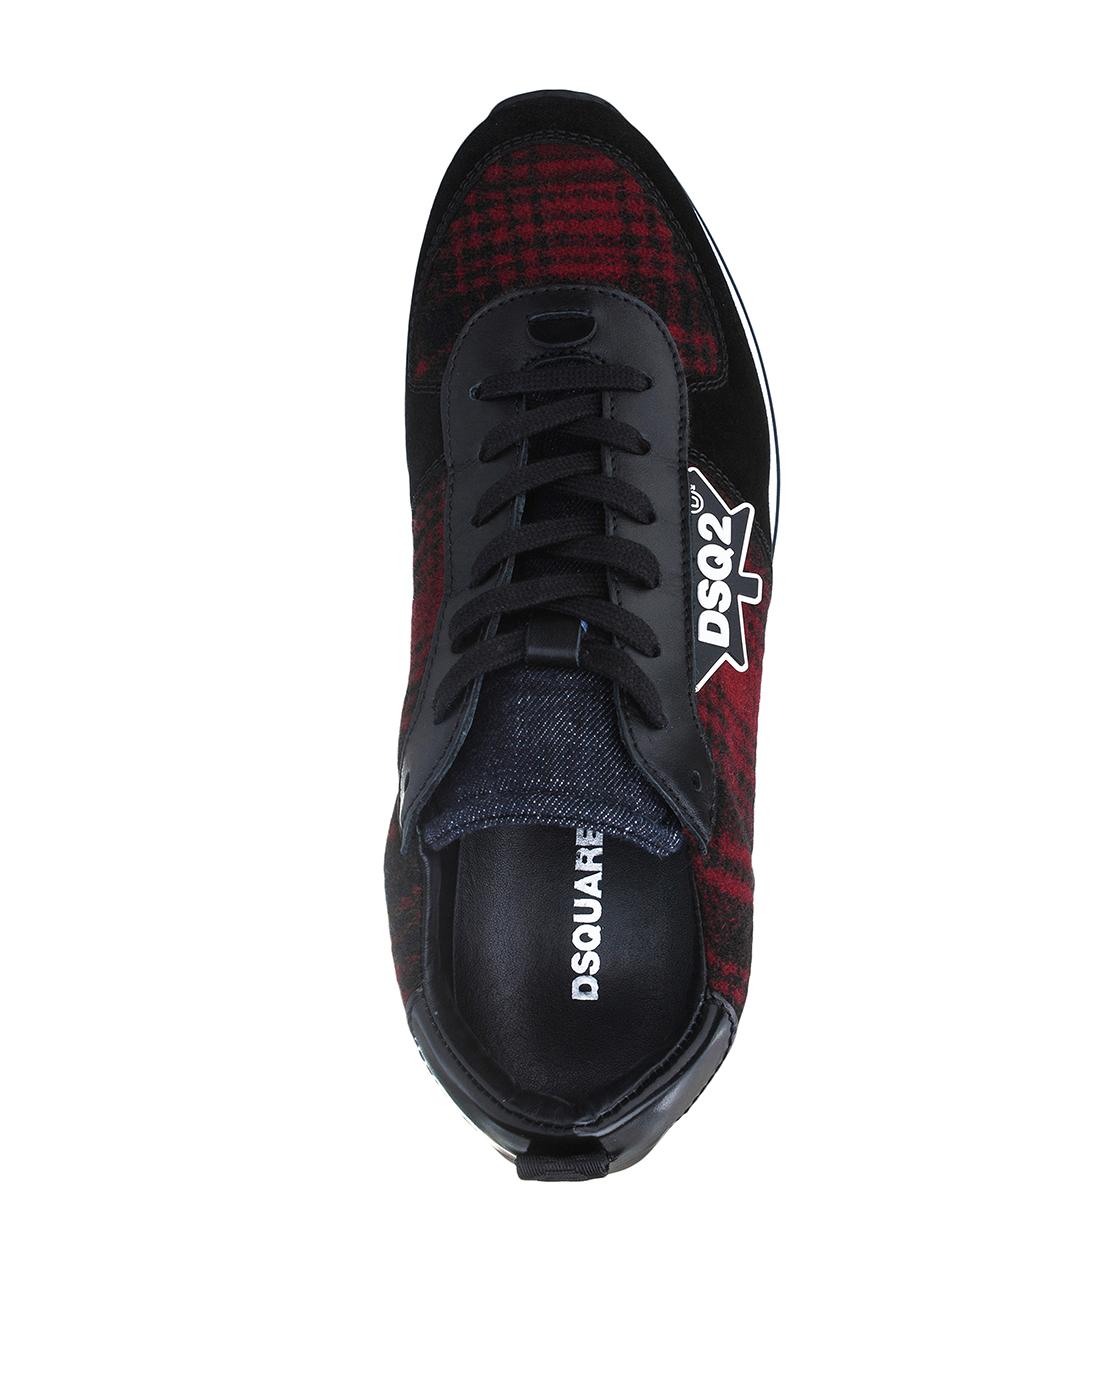 Кроссовки черные мужские Dsquared2 SSNM0110 M1331-5